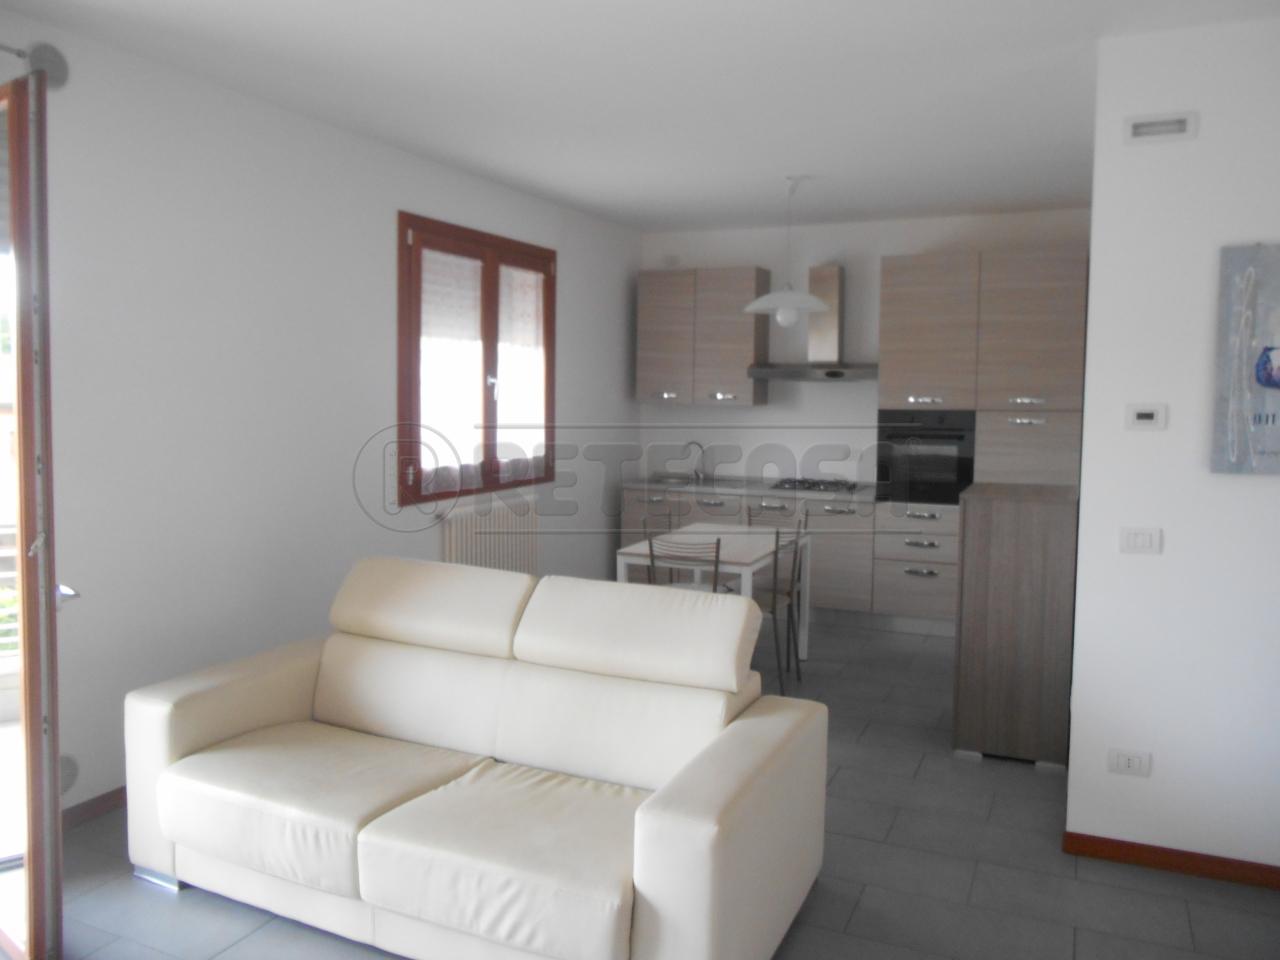 Appartamento in affitto a San Donà di Piave, 5 locali, prezzo € 720 | CambioCasa.it